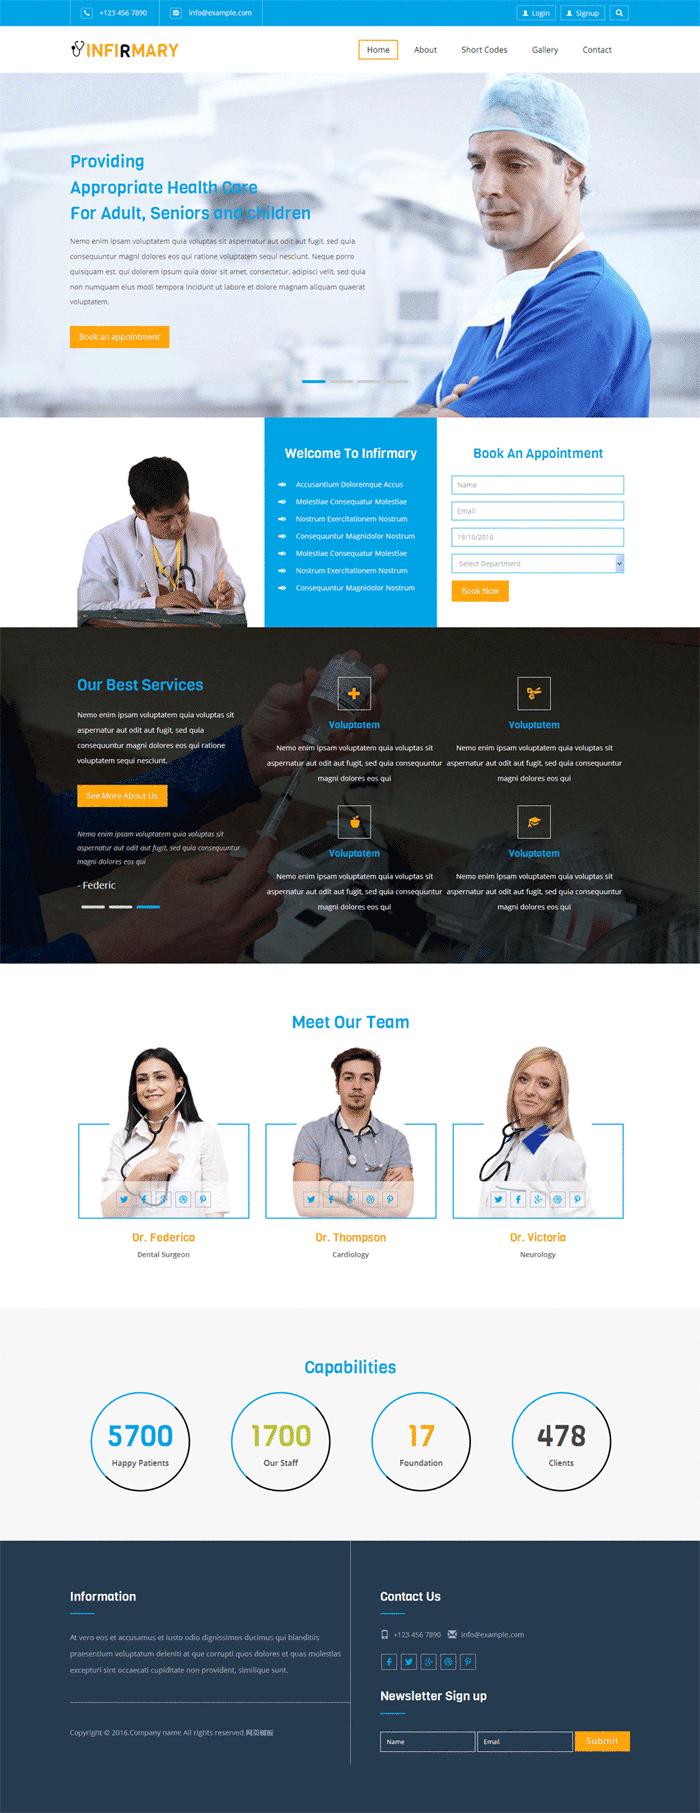 蓝色宽屏html5国外医疗机构网站模板